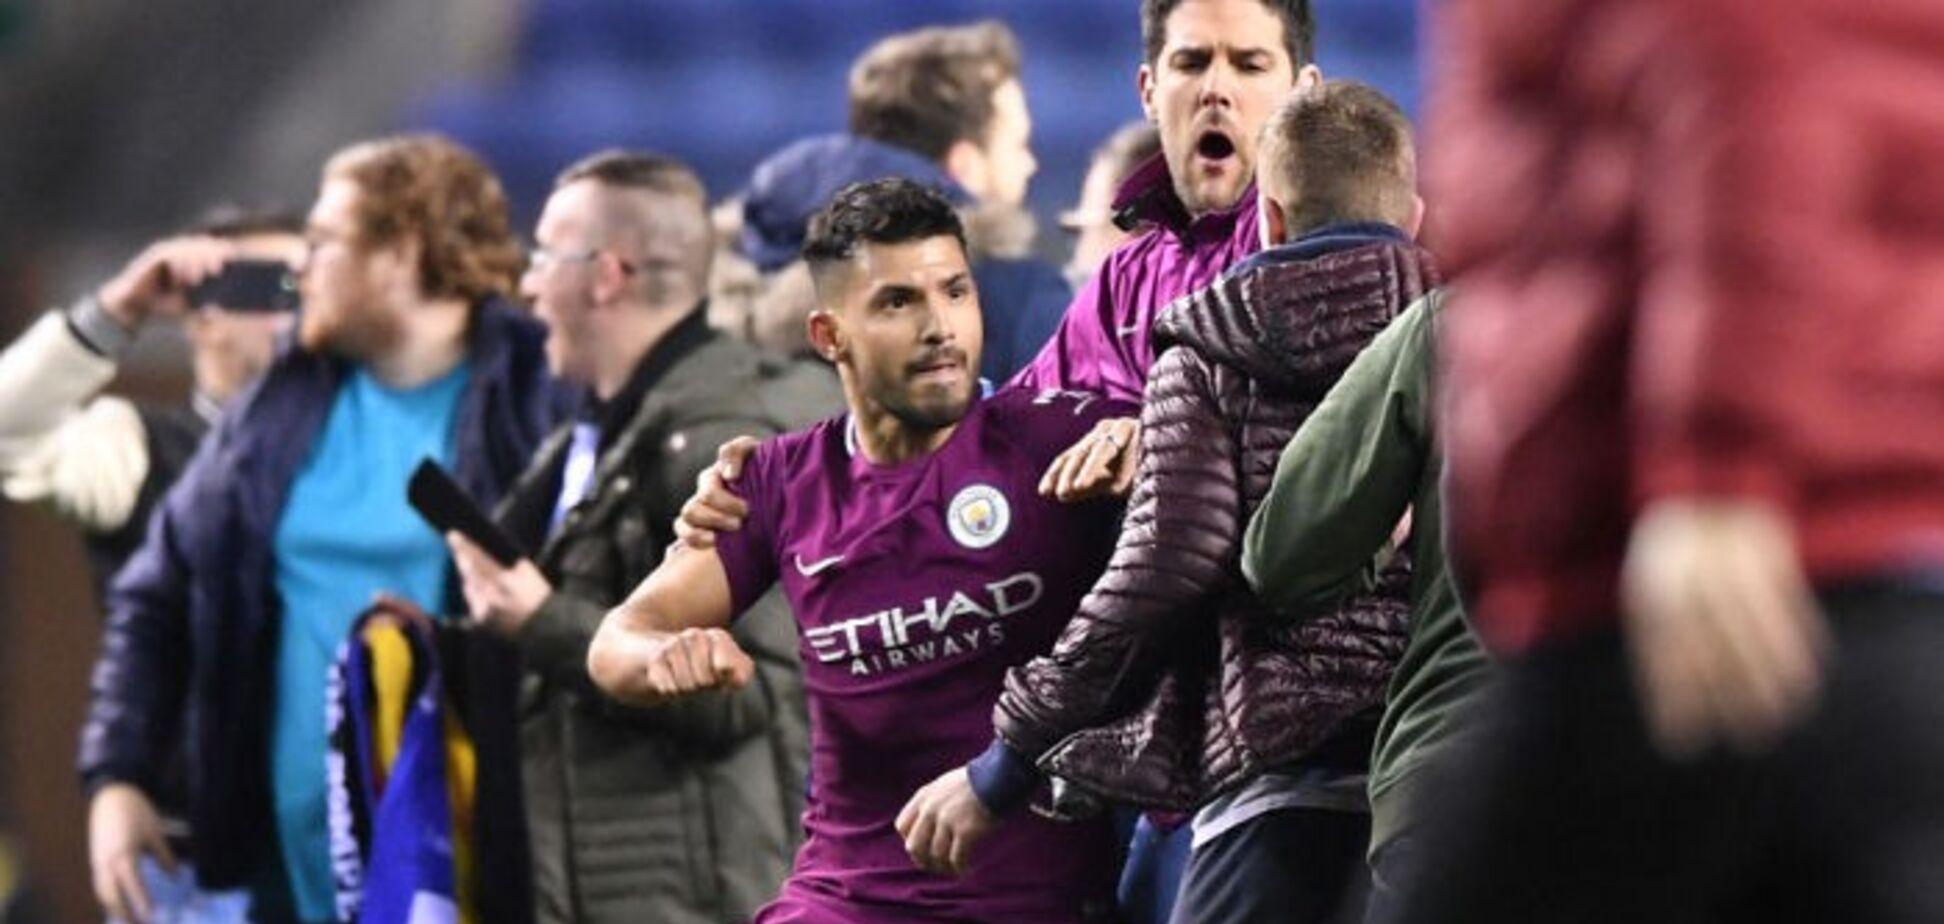 Один из лучших футболистов мира отметился мерзким поступком после матча: видео инцидента